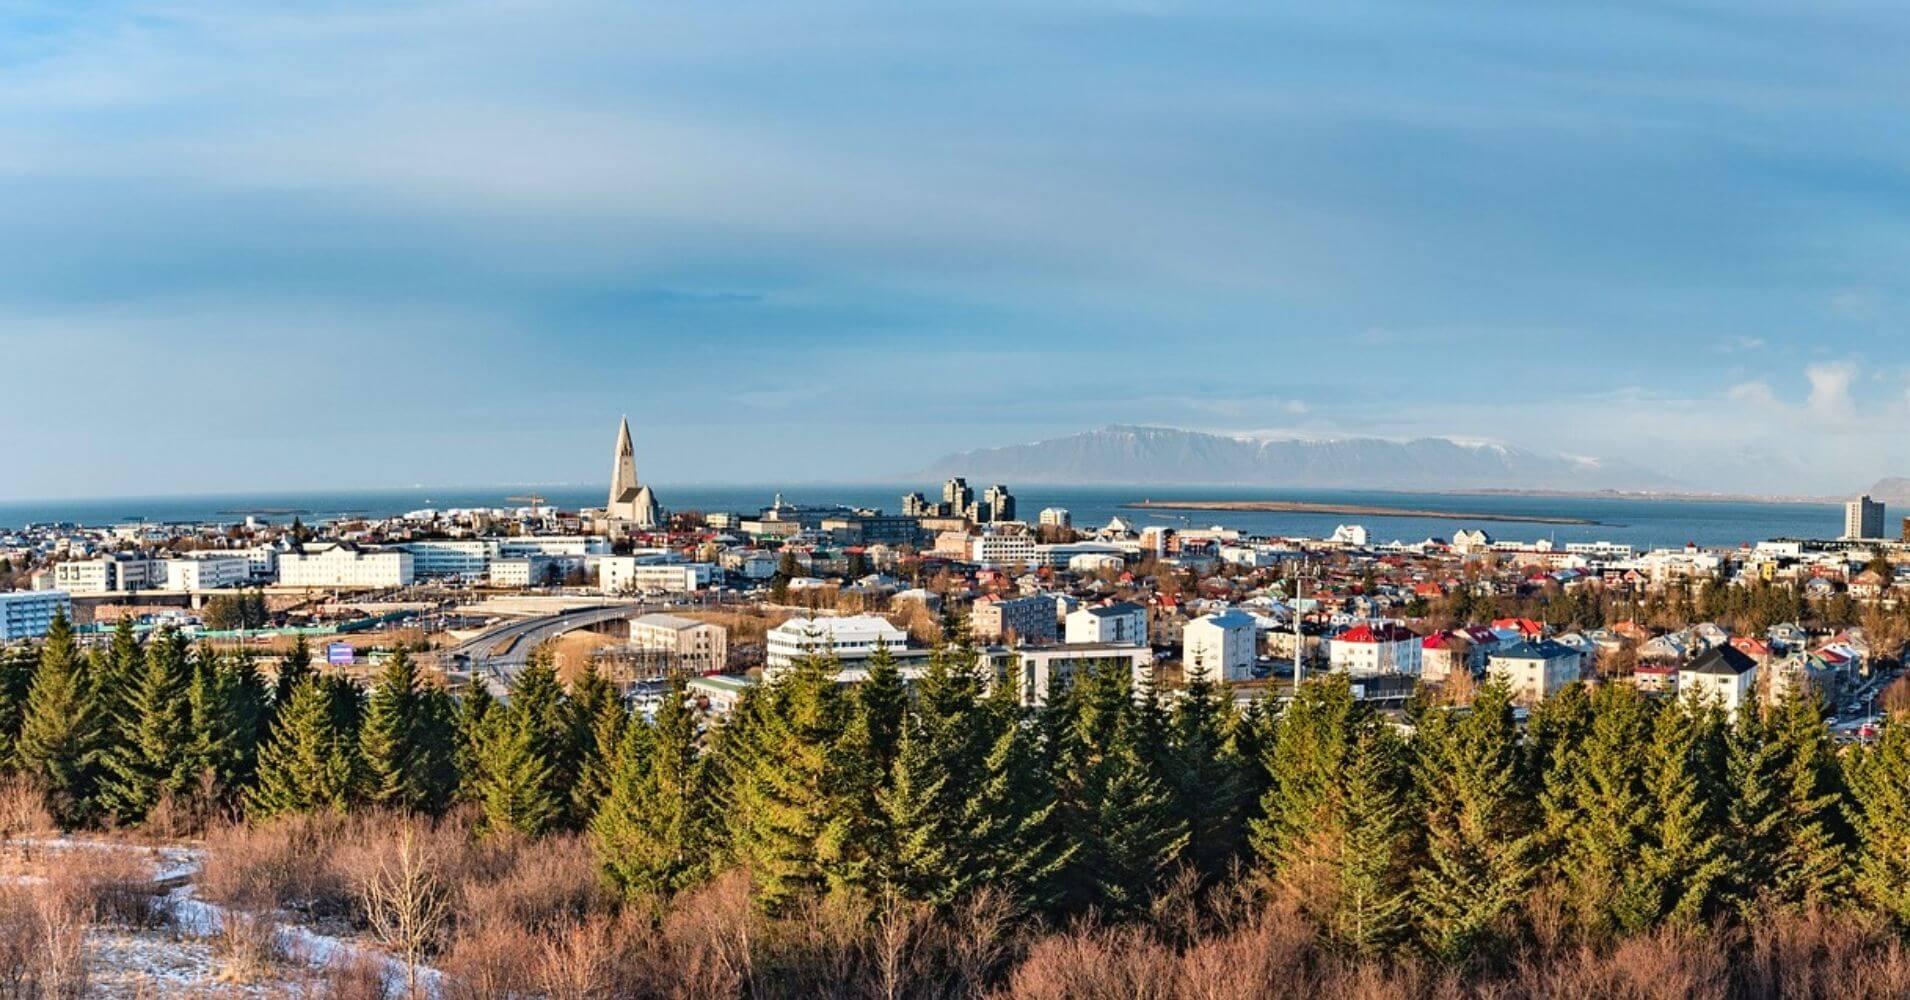 Panorámica de la Ciudad de Reykjavík. Islandia.